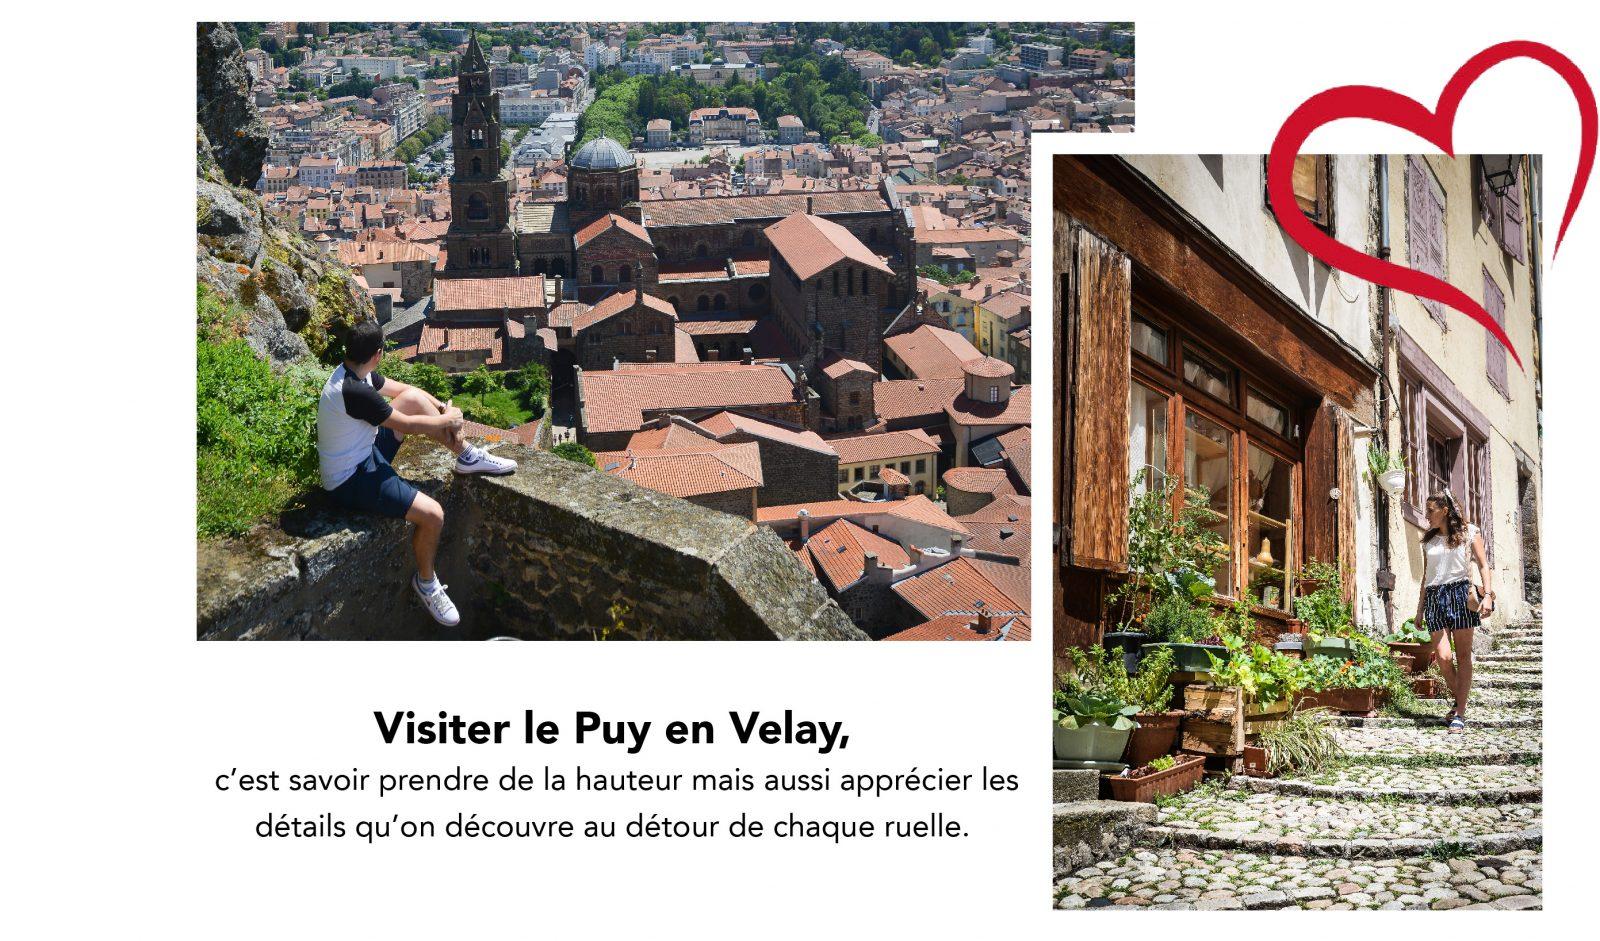 Puy en Velay